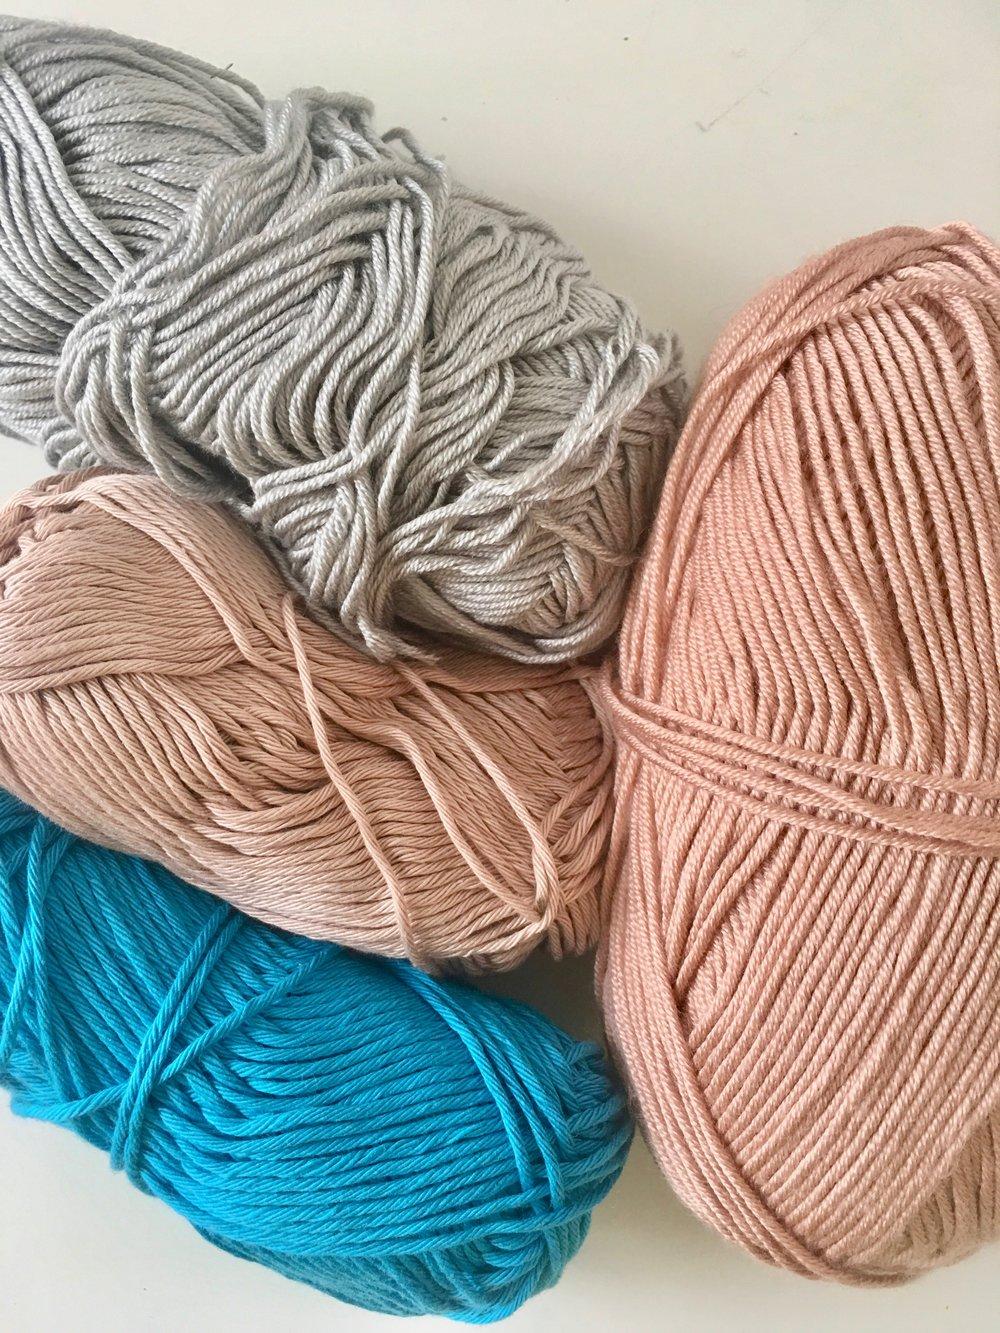 essential weaving tools weaving yarn